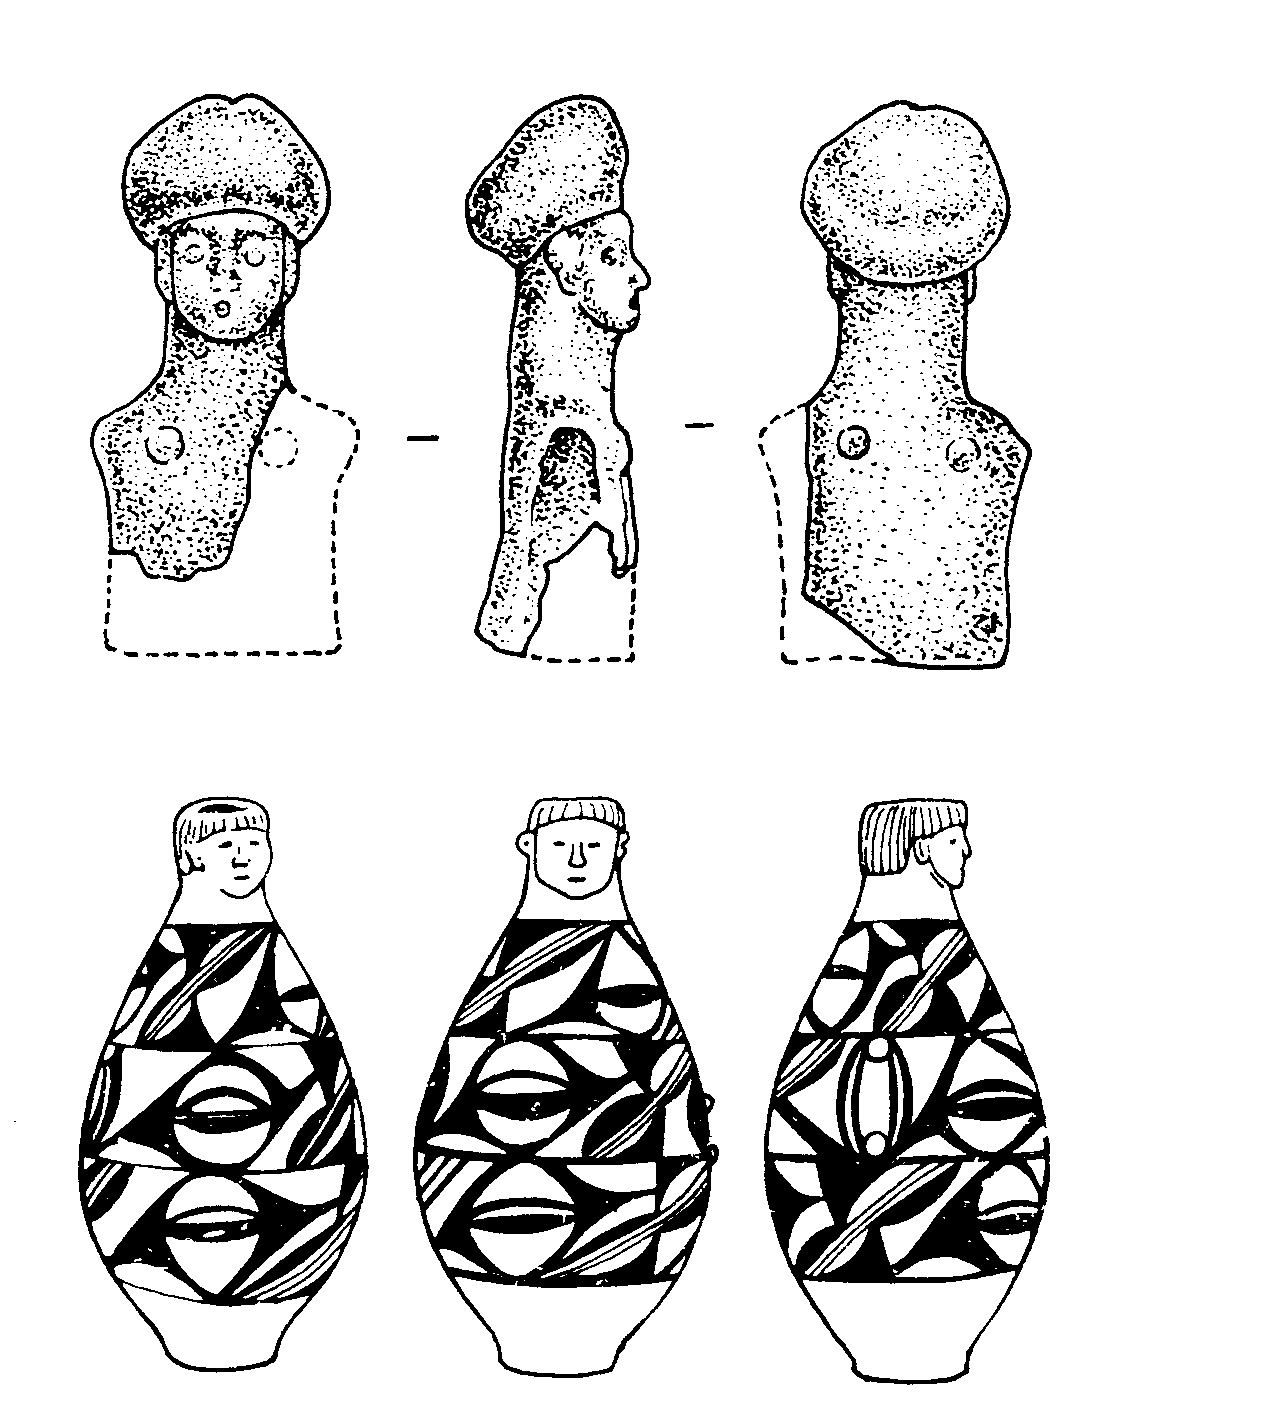 简笔画 设计 矢量 矢量图 手绘 素材 线稿 1274_1417